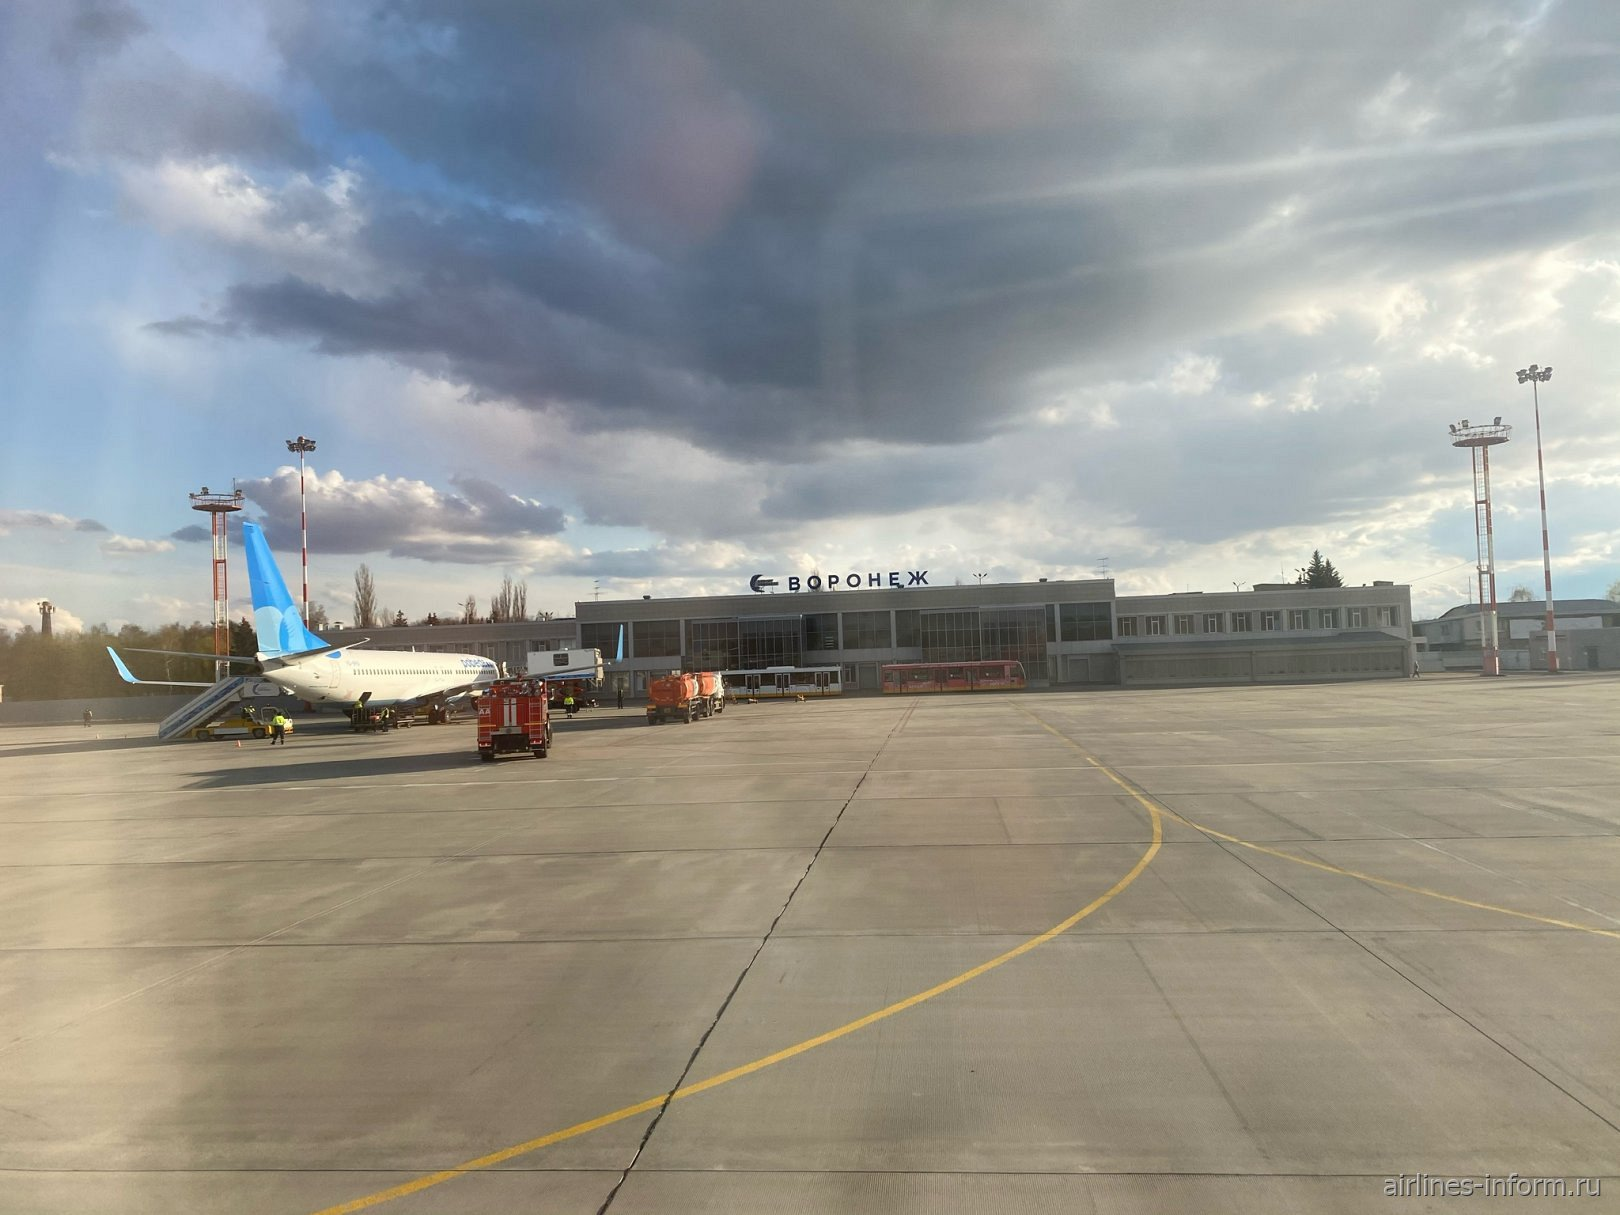 Аэропорт «Чертовицкое» имени Петра Великого